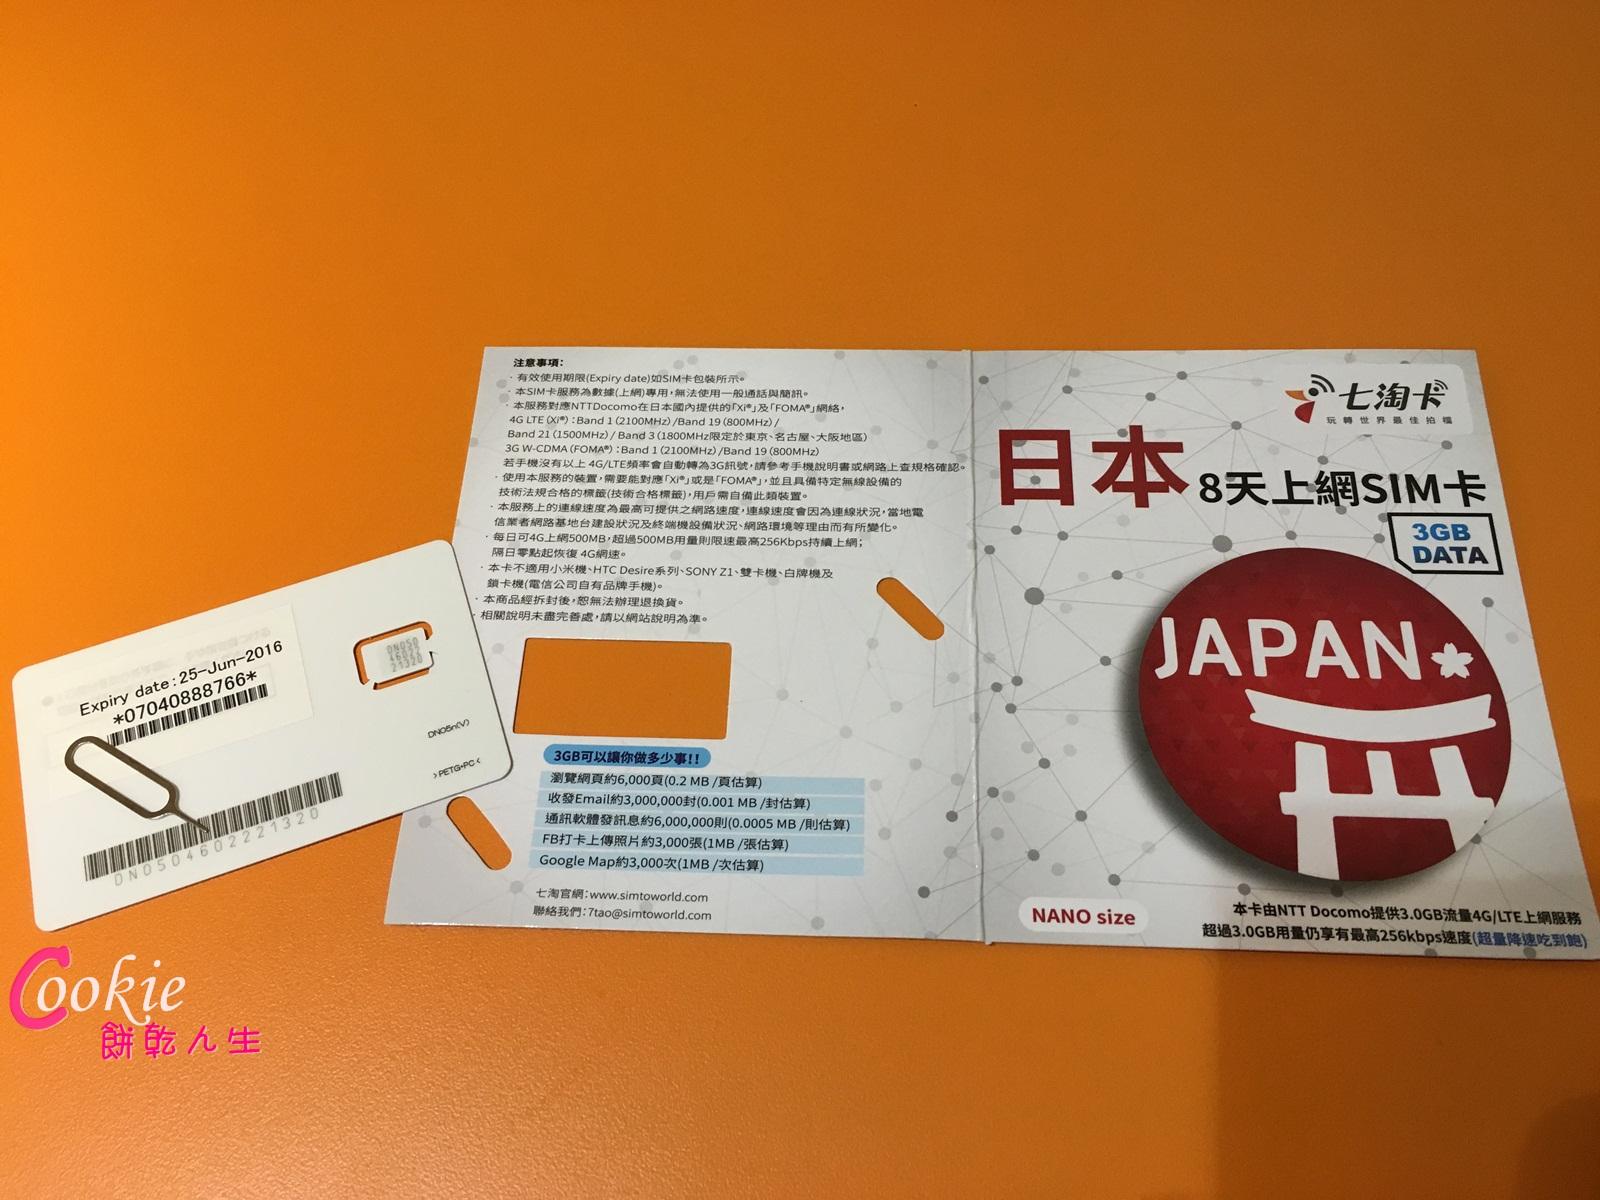 東京洗腎自由行( 東京,淺草,新宿,河口湖,台場,橫濱,自由之丘)